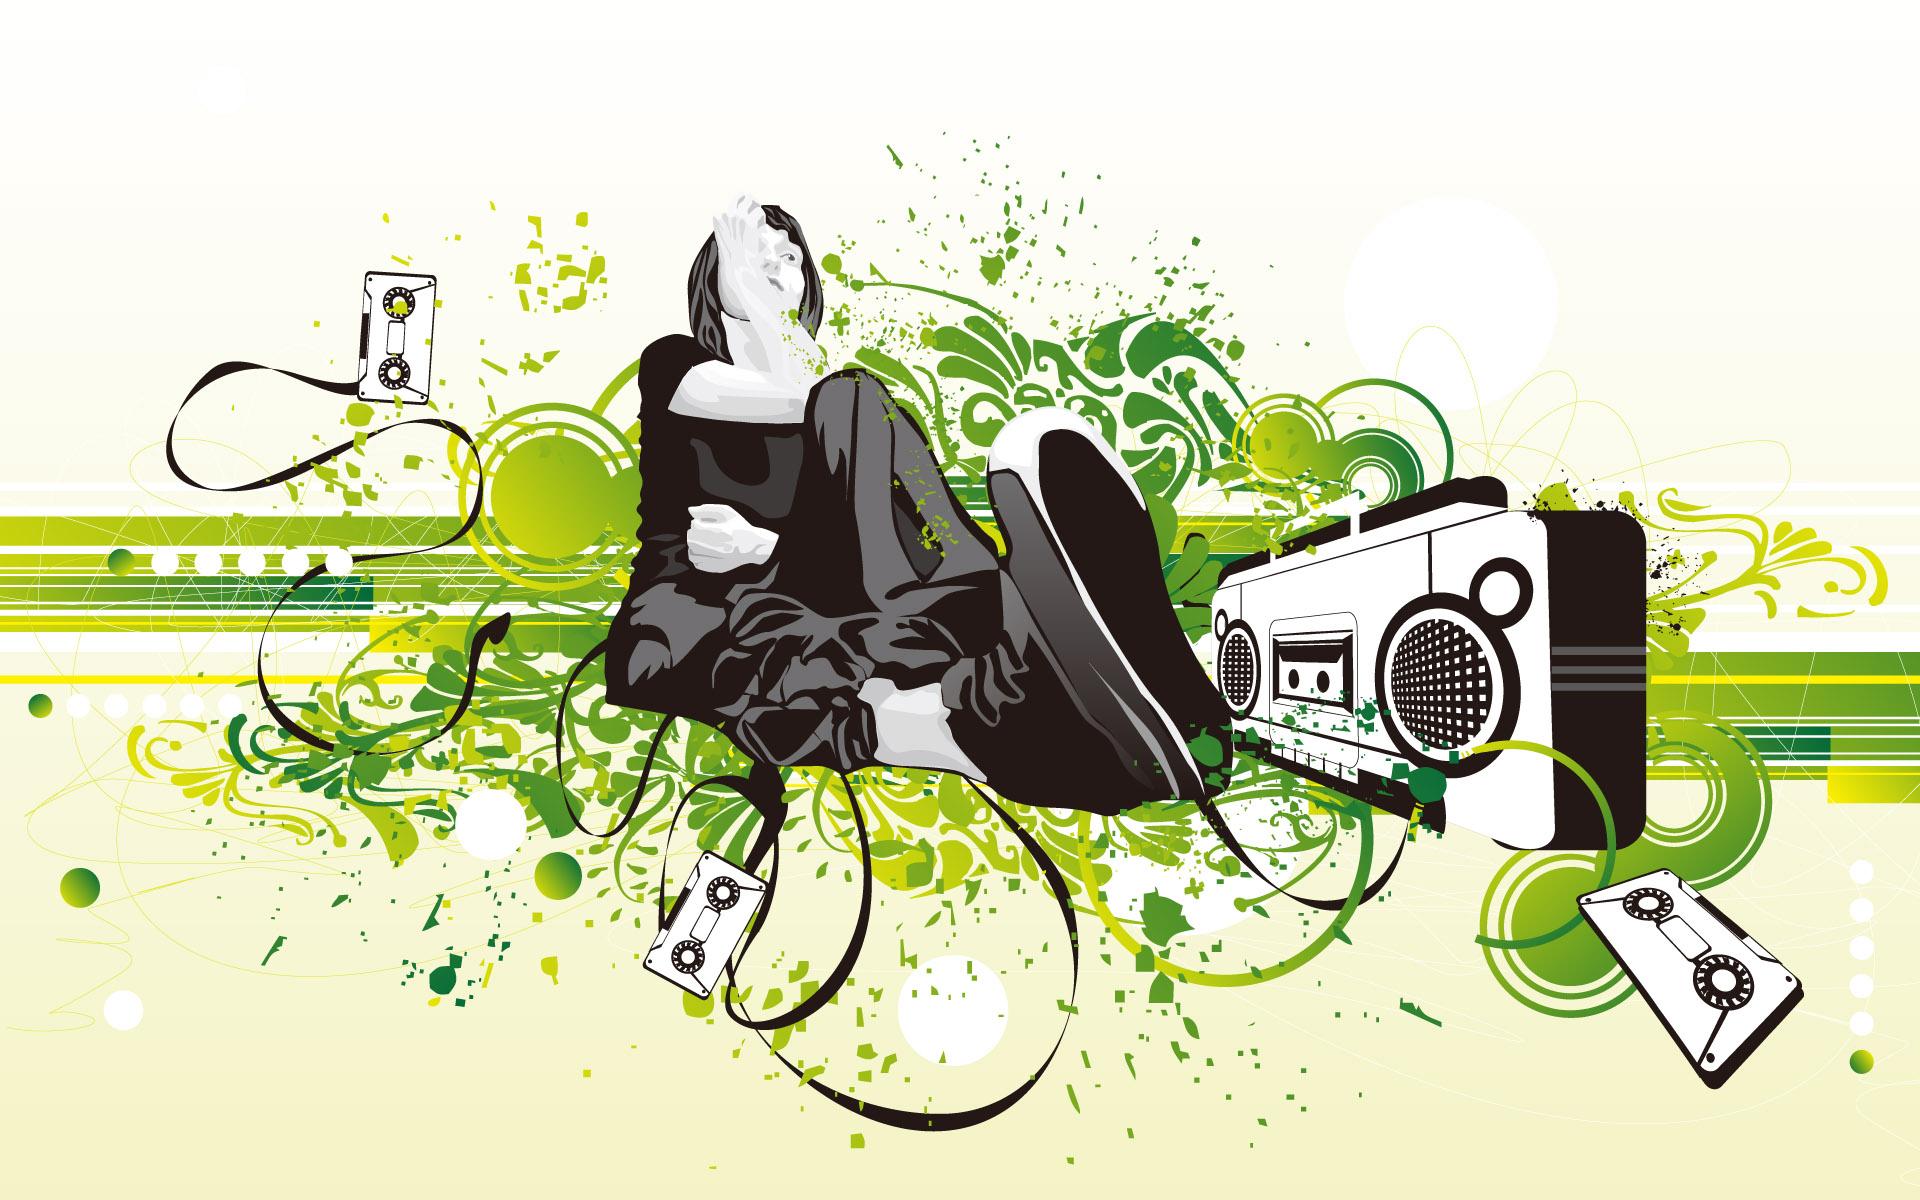 Сделать картинку с музыкой